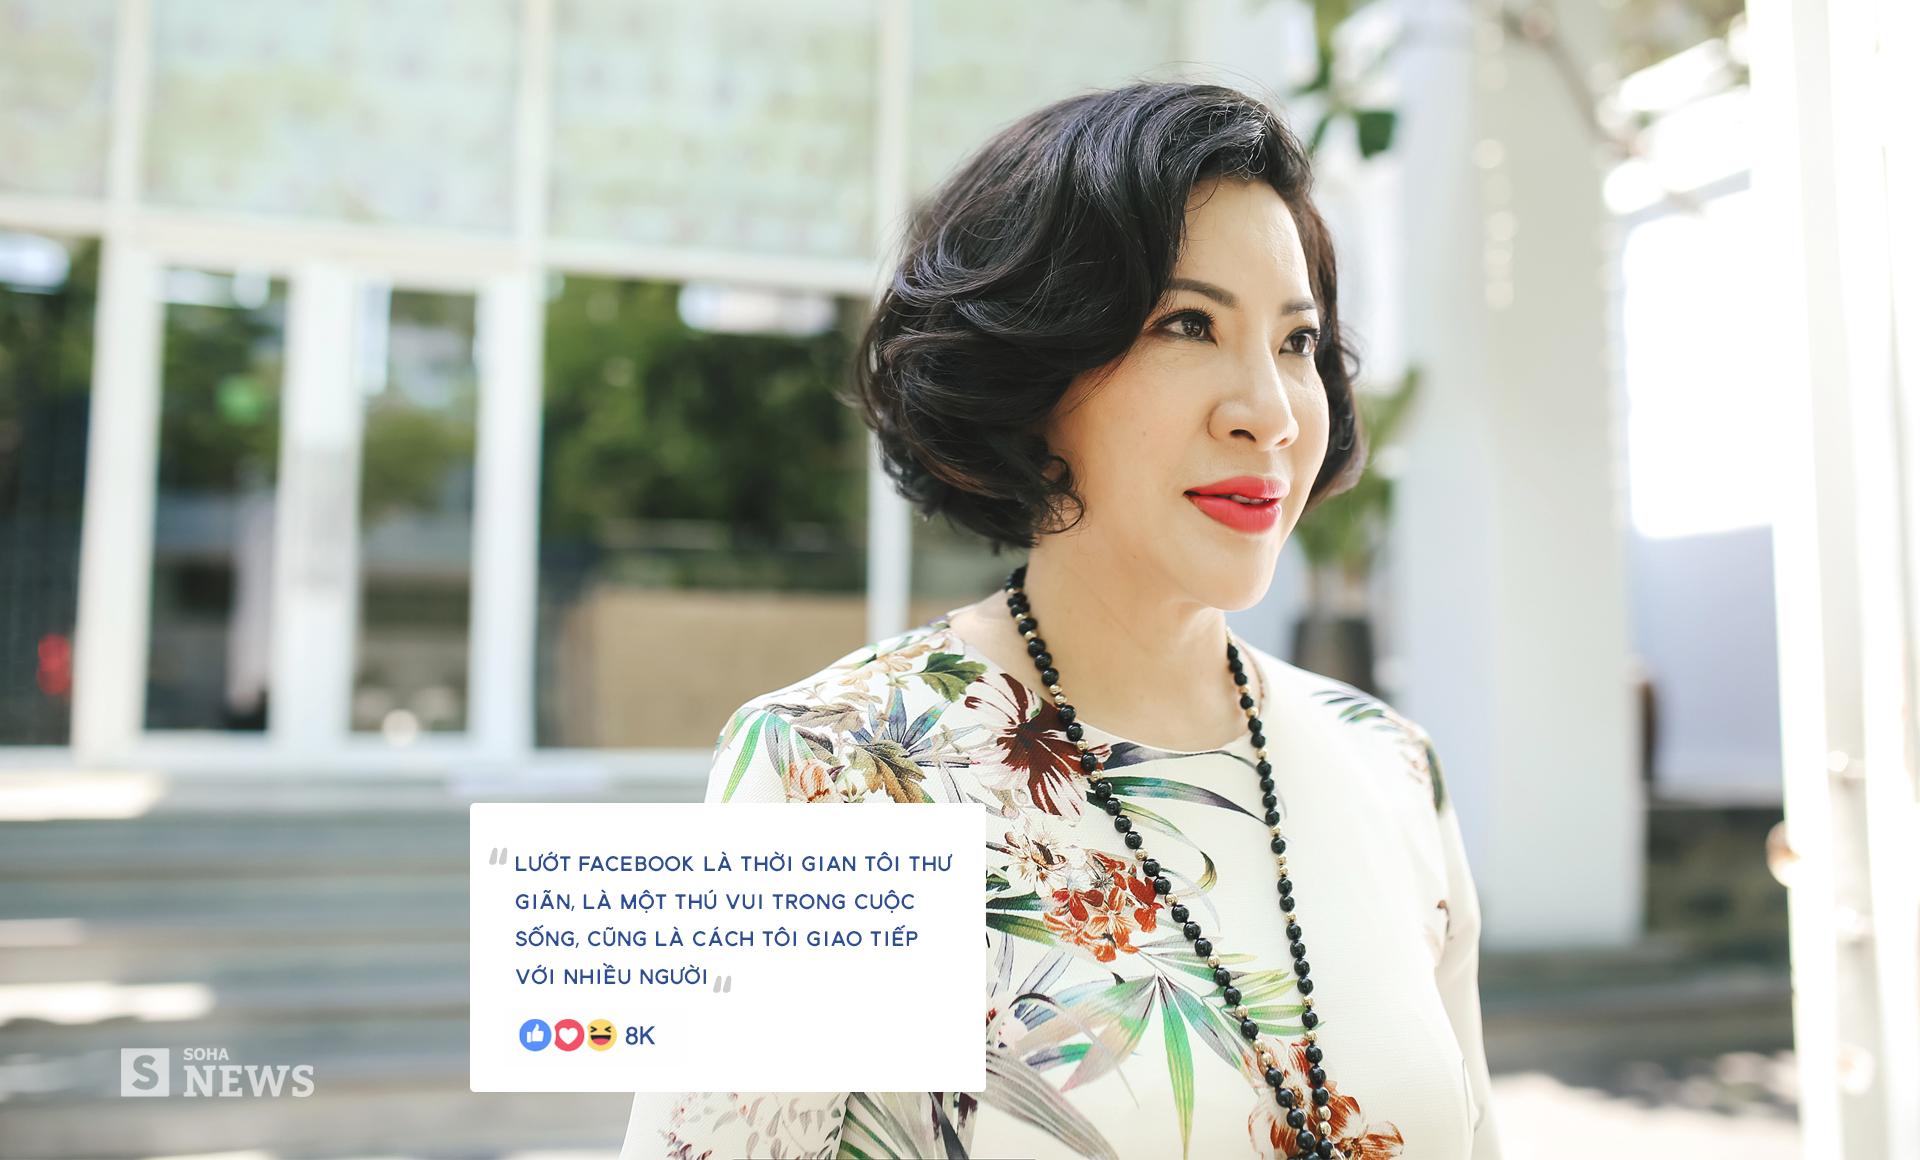 Doanh nhân nghìn like Lê Hoài Anh: Những người hay ảo trong cuộc sống cũng ảo trên facebook - Ảnh 9.